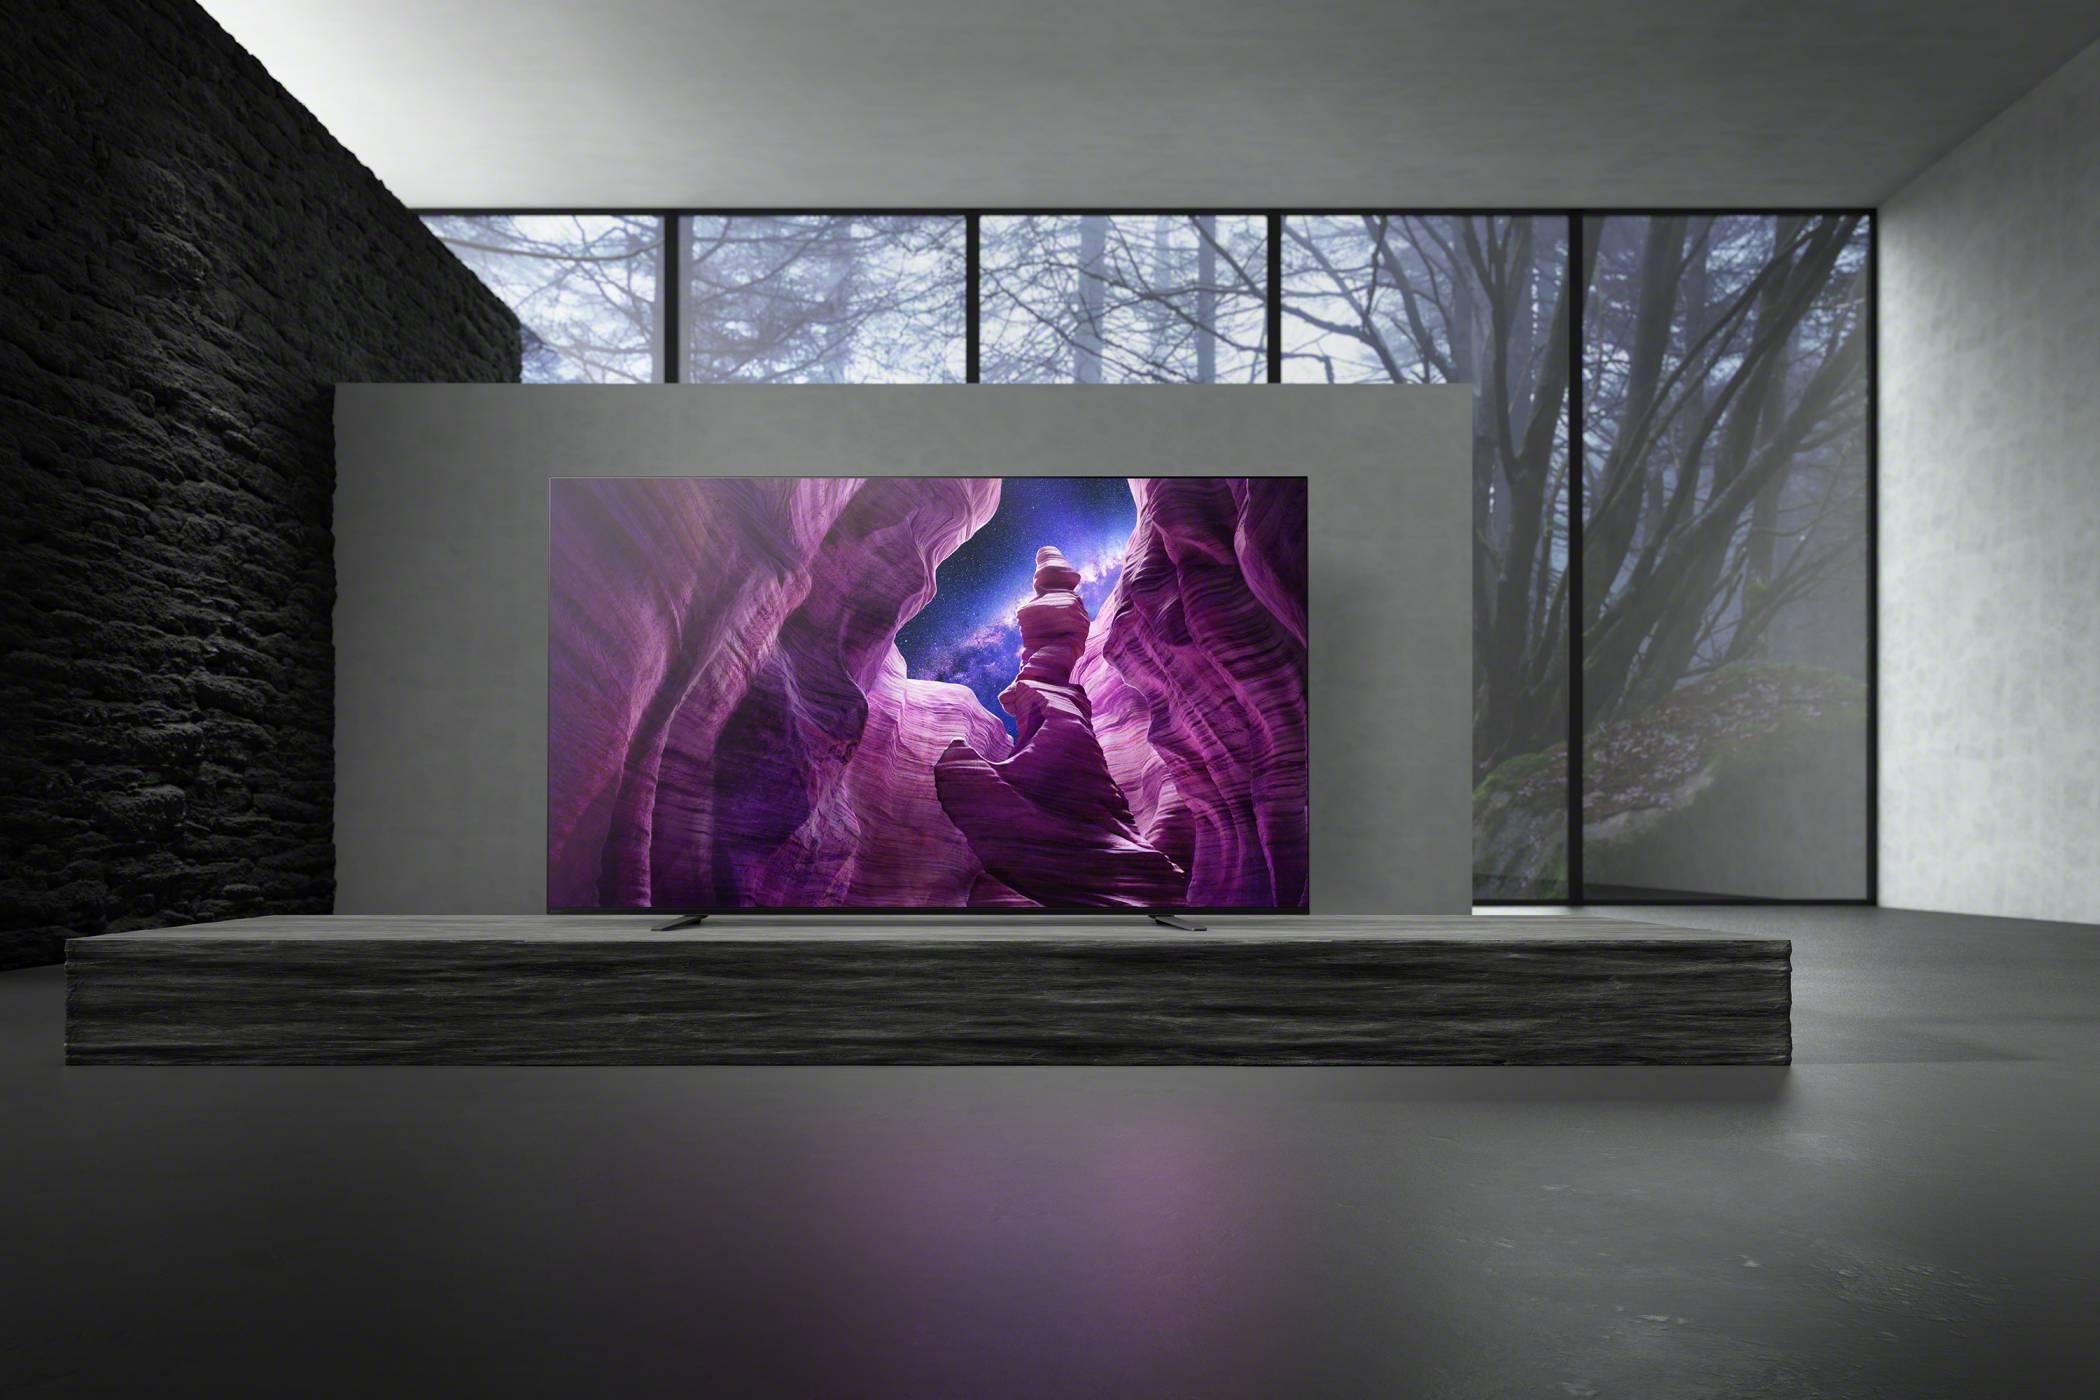 Новият телевизор A8 4K HDR OLED на Sony е в България (ВИДЕО)